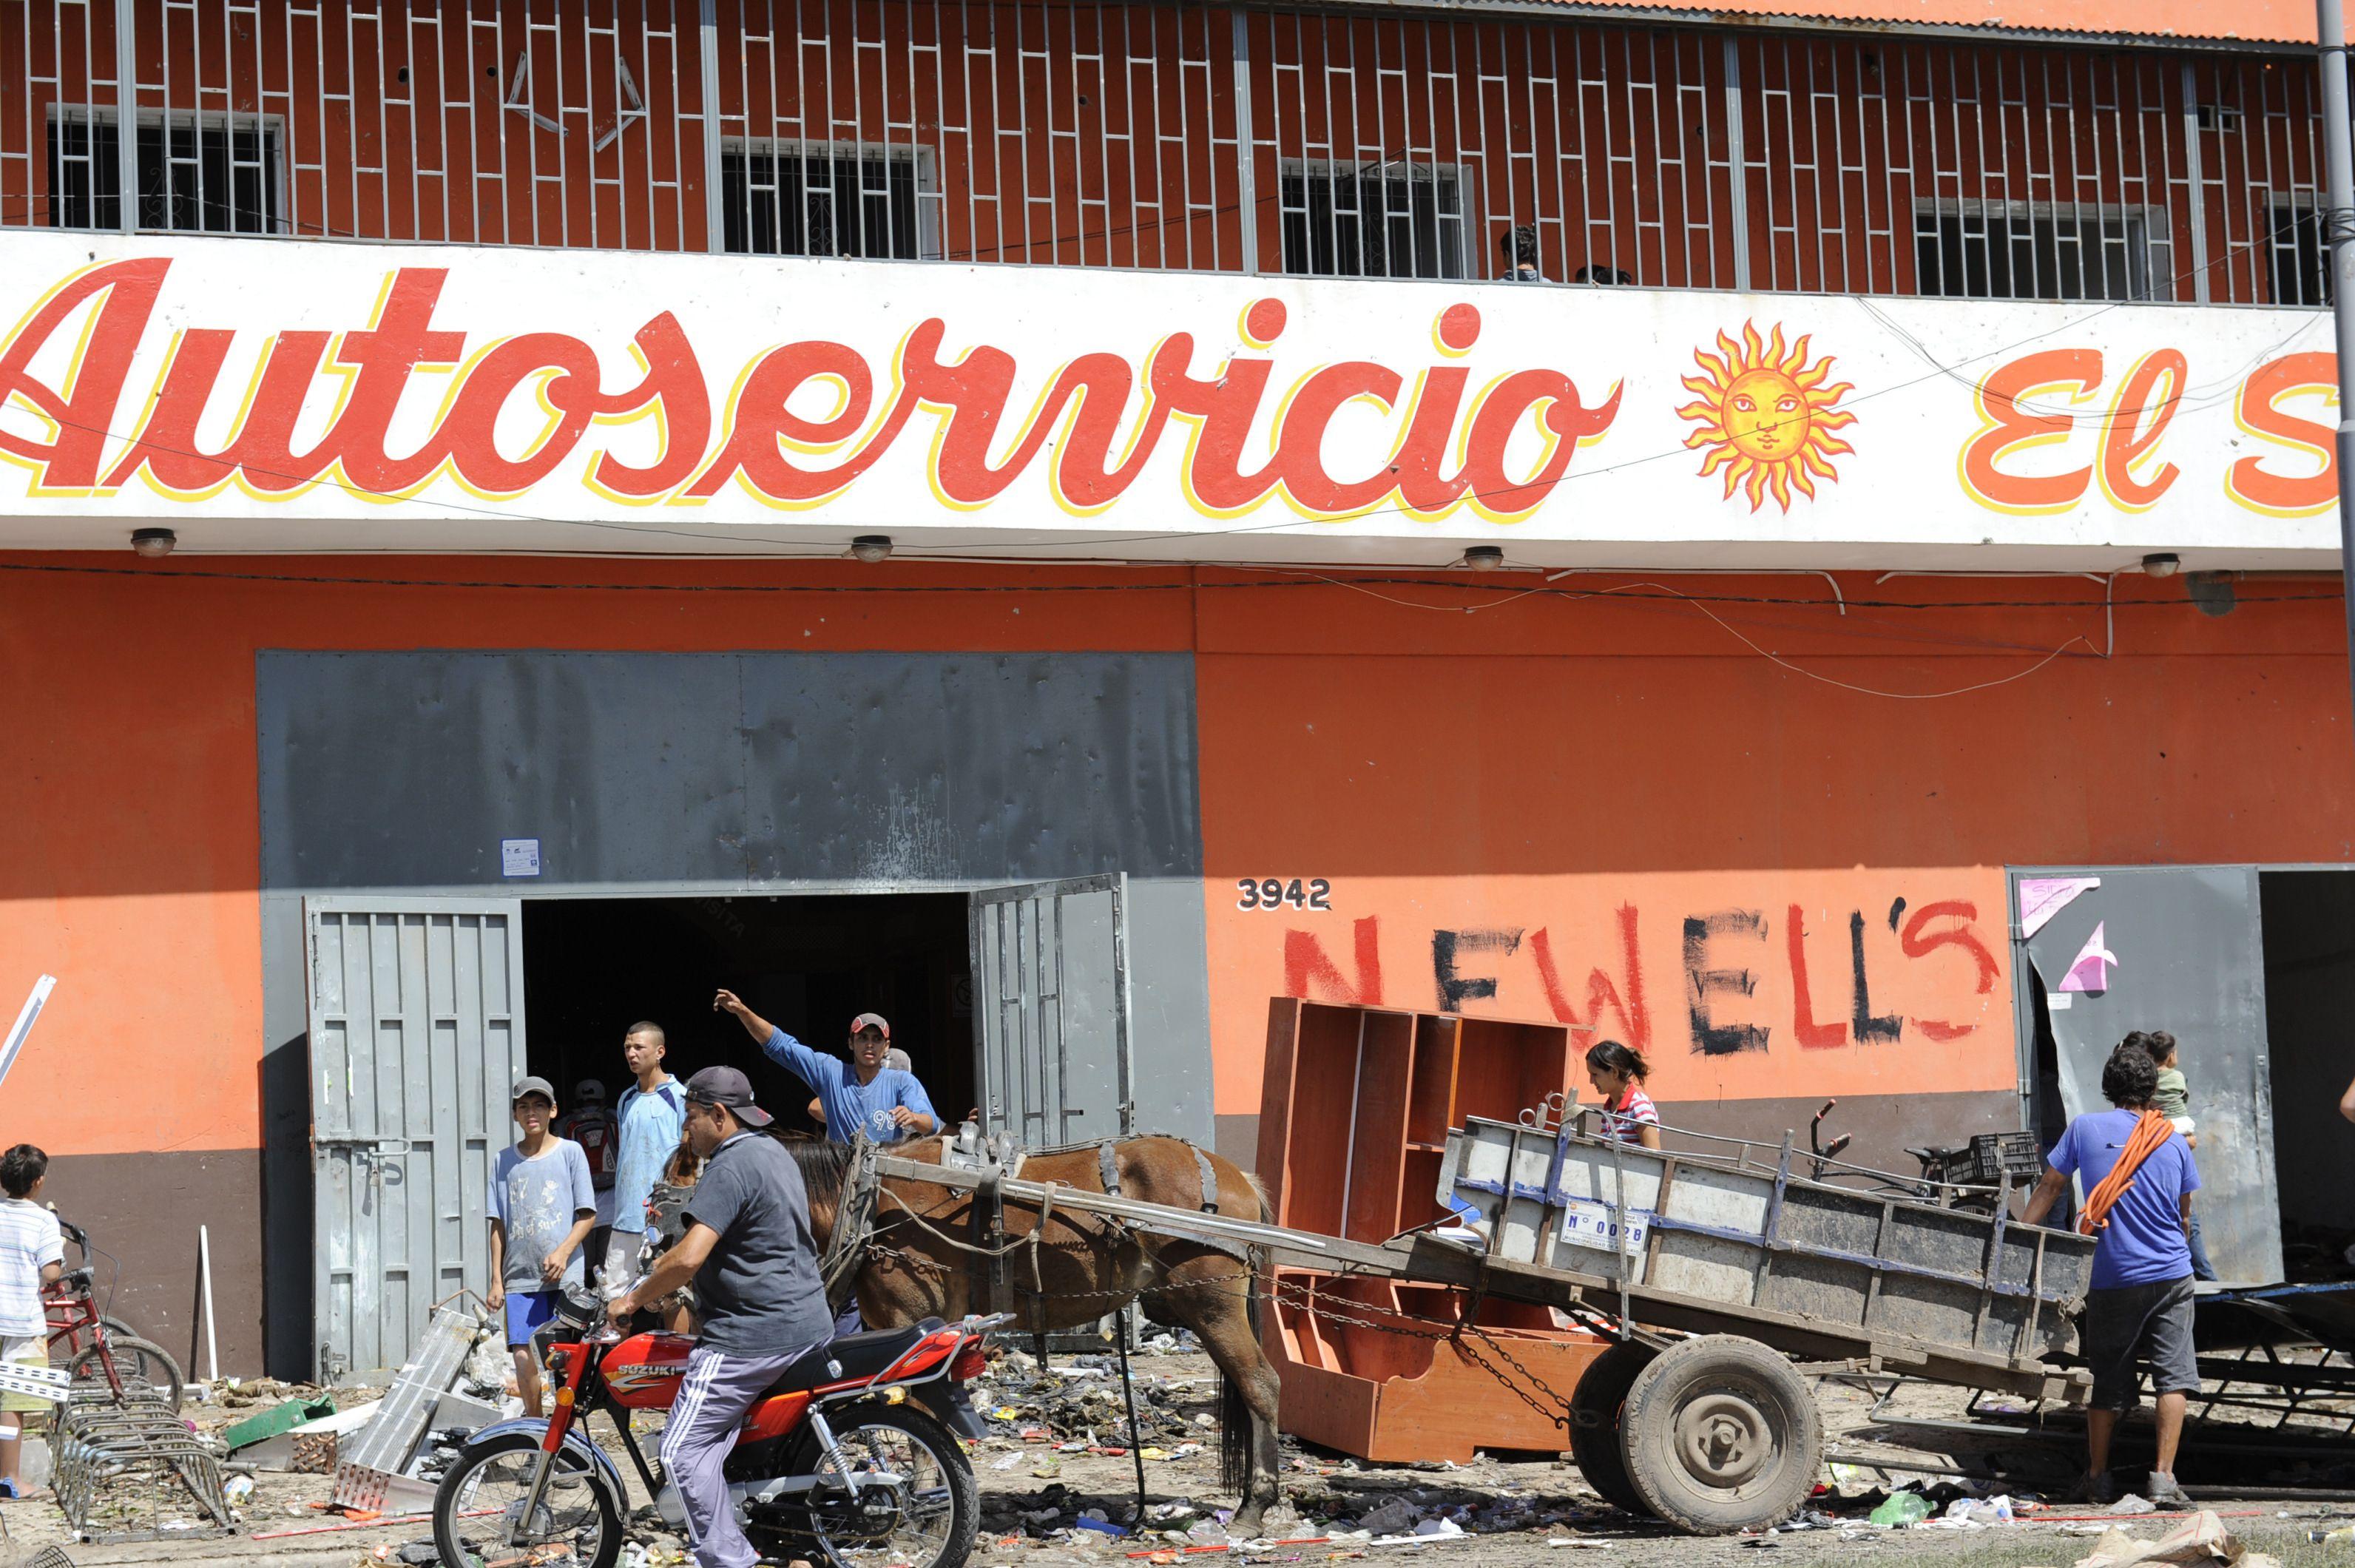 Esta mañana el Autoservicio Sol de Avellaneda y Quintana fue asaltado. (Foto: S. Suárez Meccia)